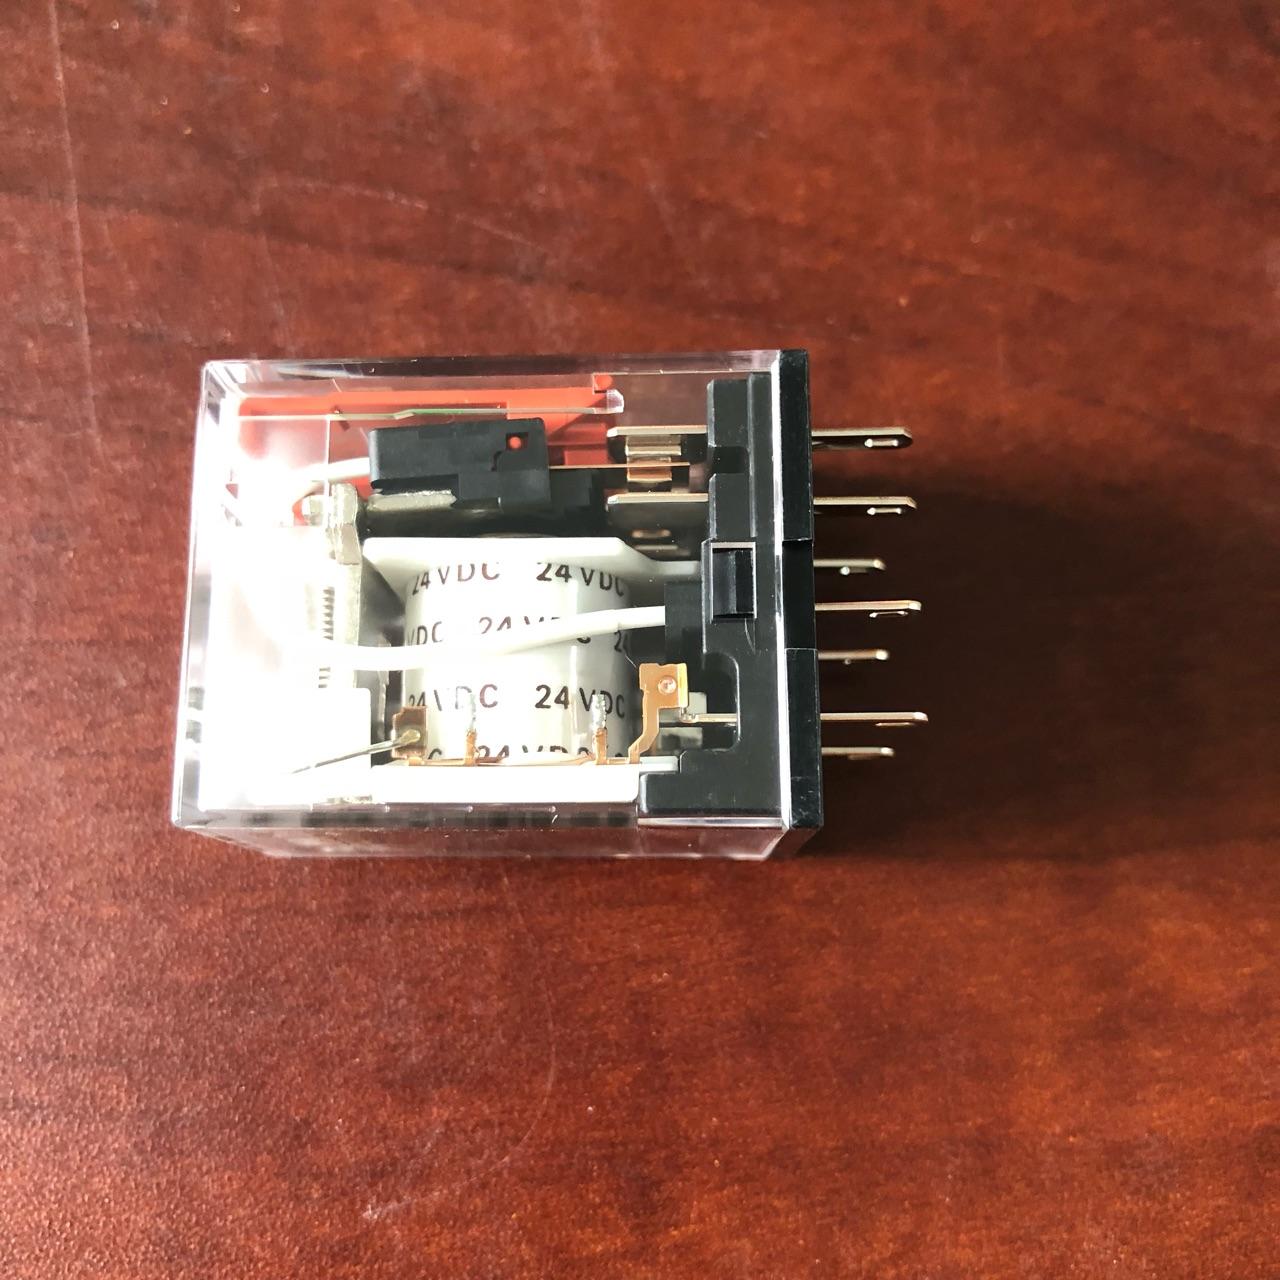 Rơle 8 chân, 24VDC  MY2N-GS DC24 BY OMZ Omron